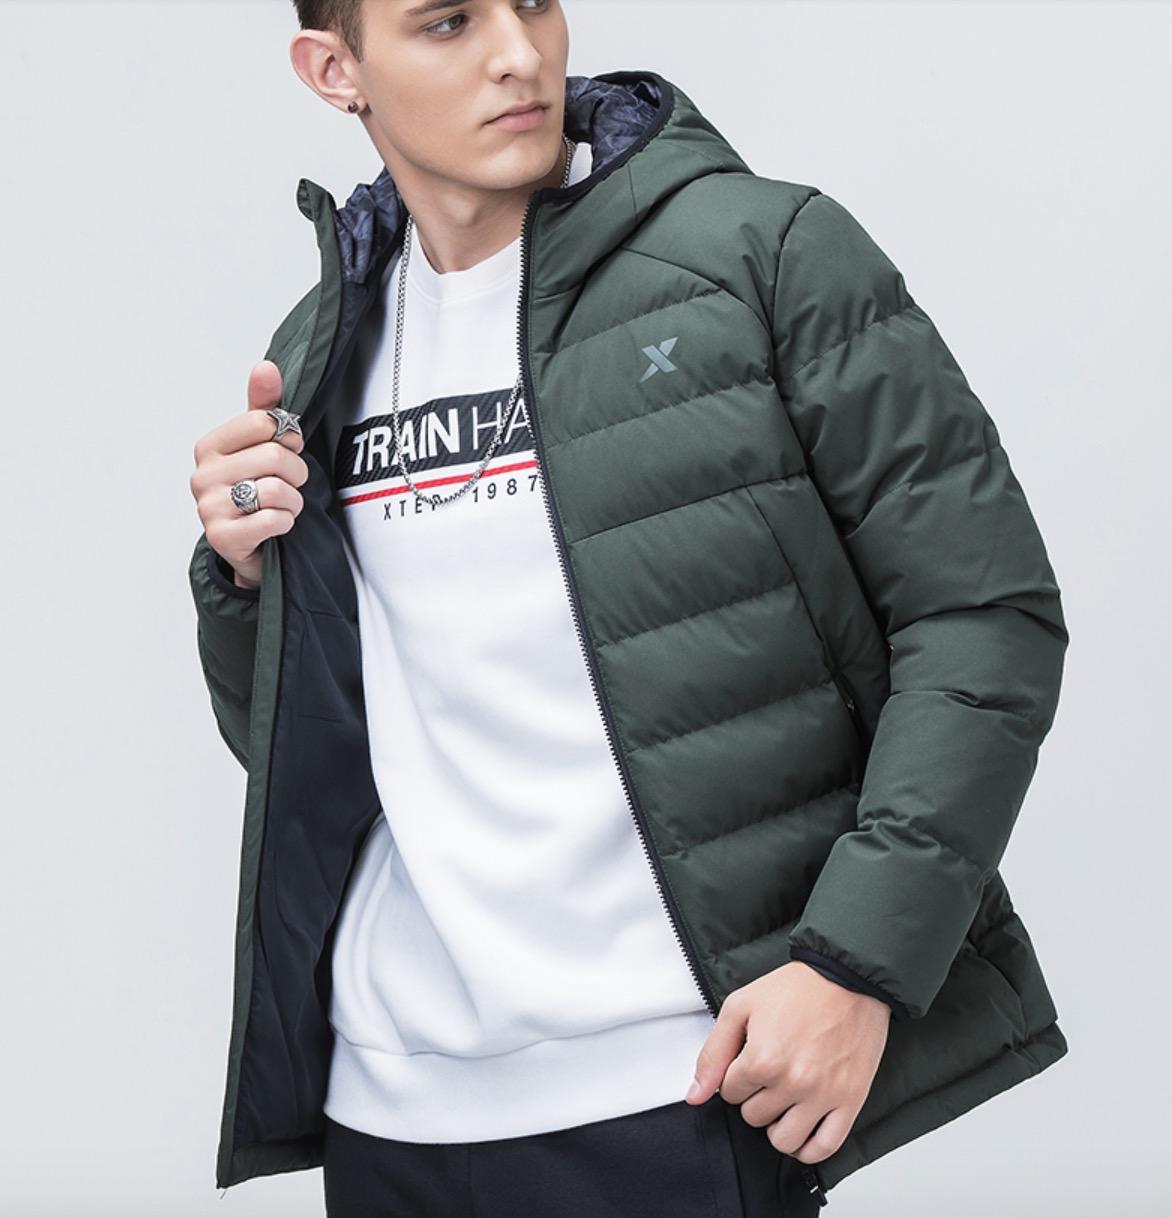 冬季保暖很重要,春节怎能少了一款棉服呢